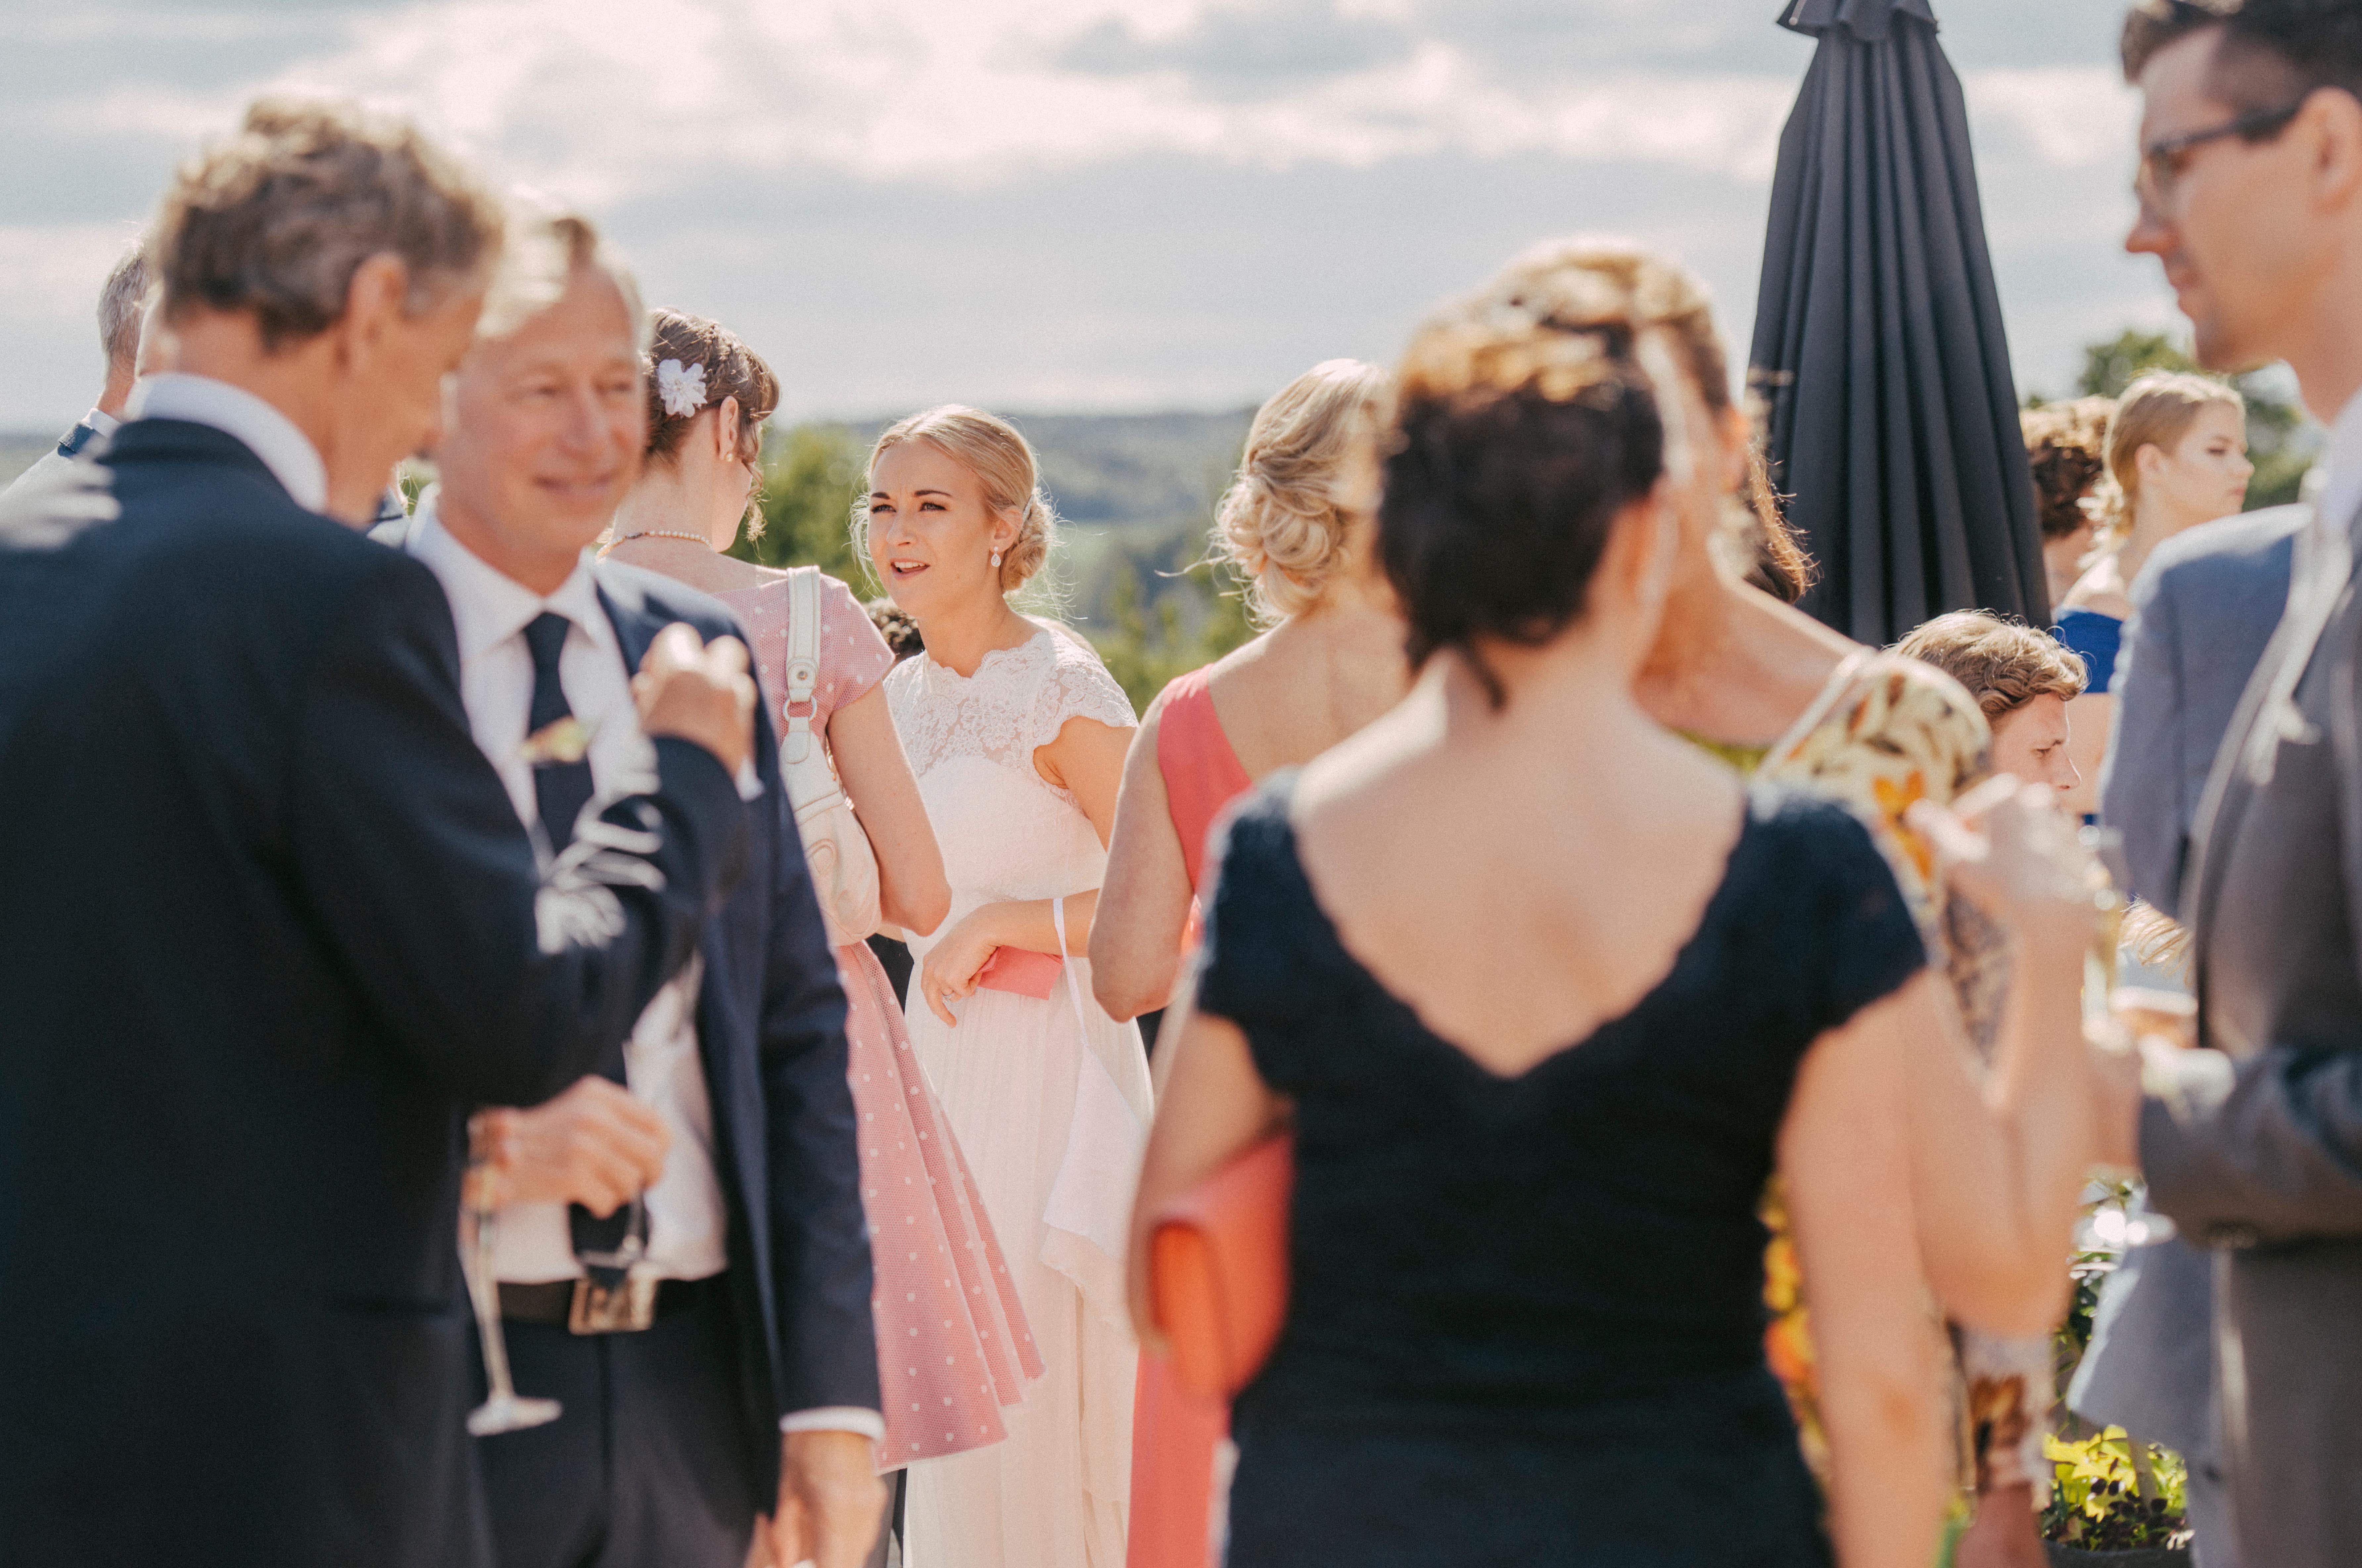 personer minglar på fest på verandan